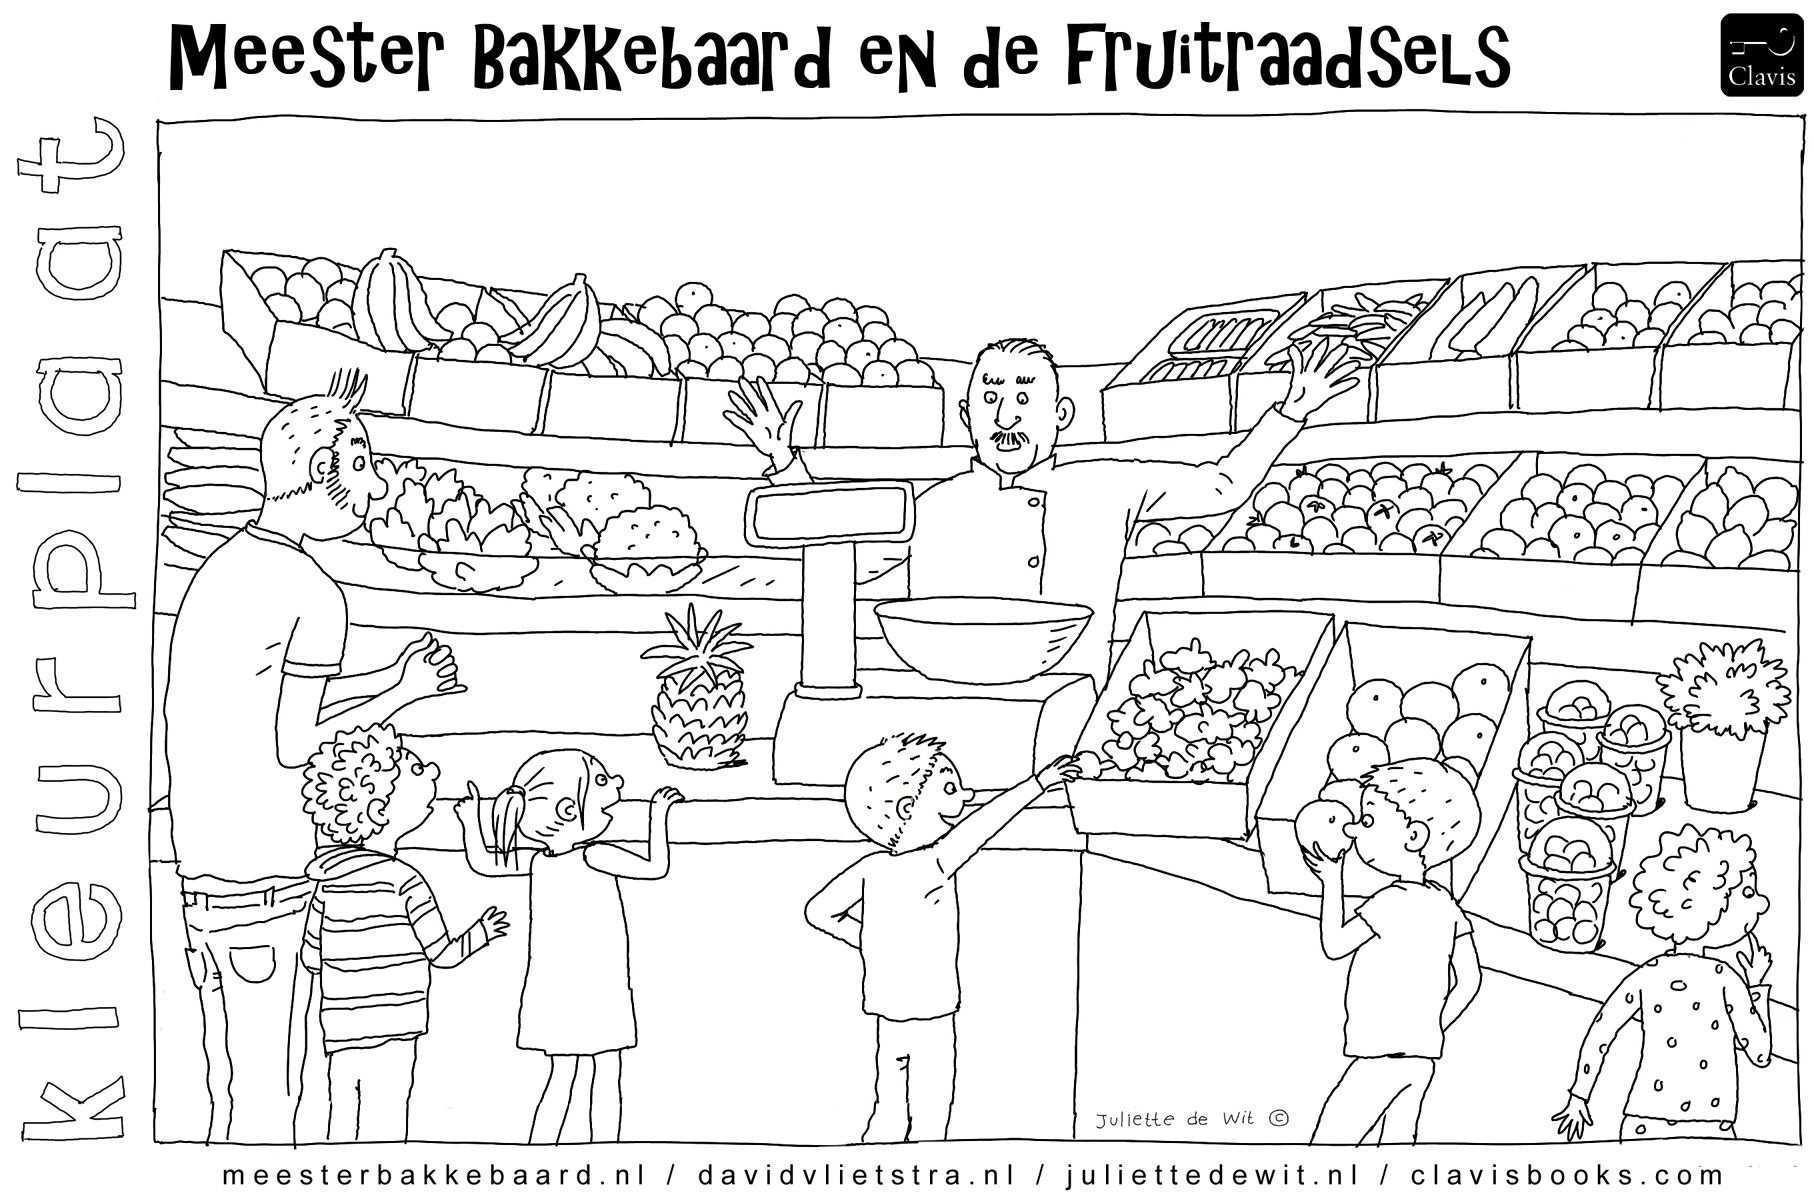 Kleurplaat Behorende Bij Het Prentenboek Meester Bakkebaard Met Kinderen Bij Een Groenteman Groente Fruit Groenteboer Groentew Groente Kleurplaten Fruit